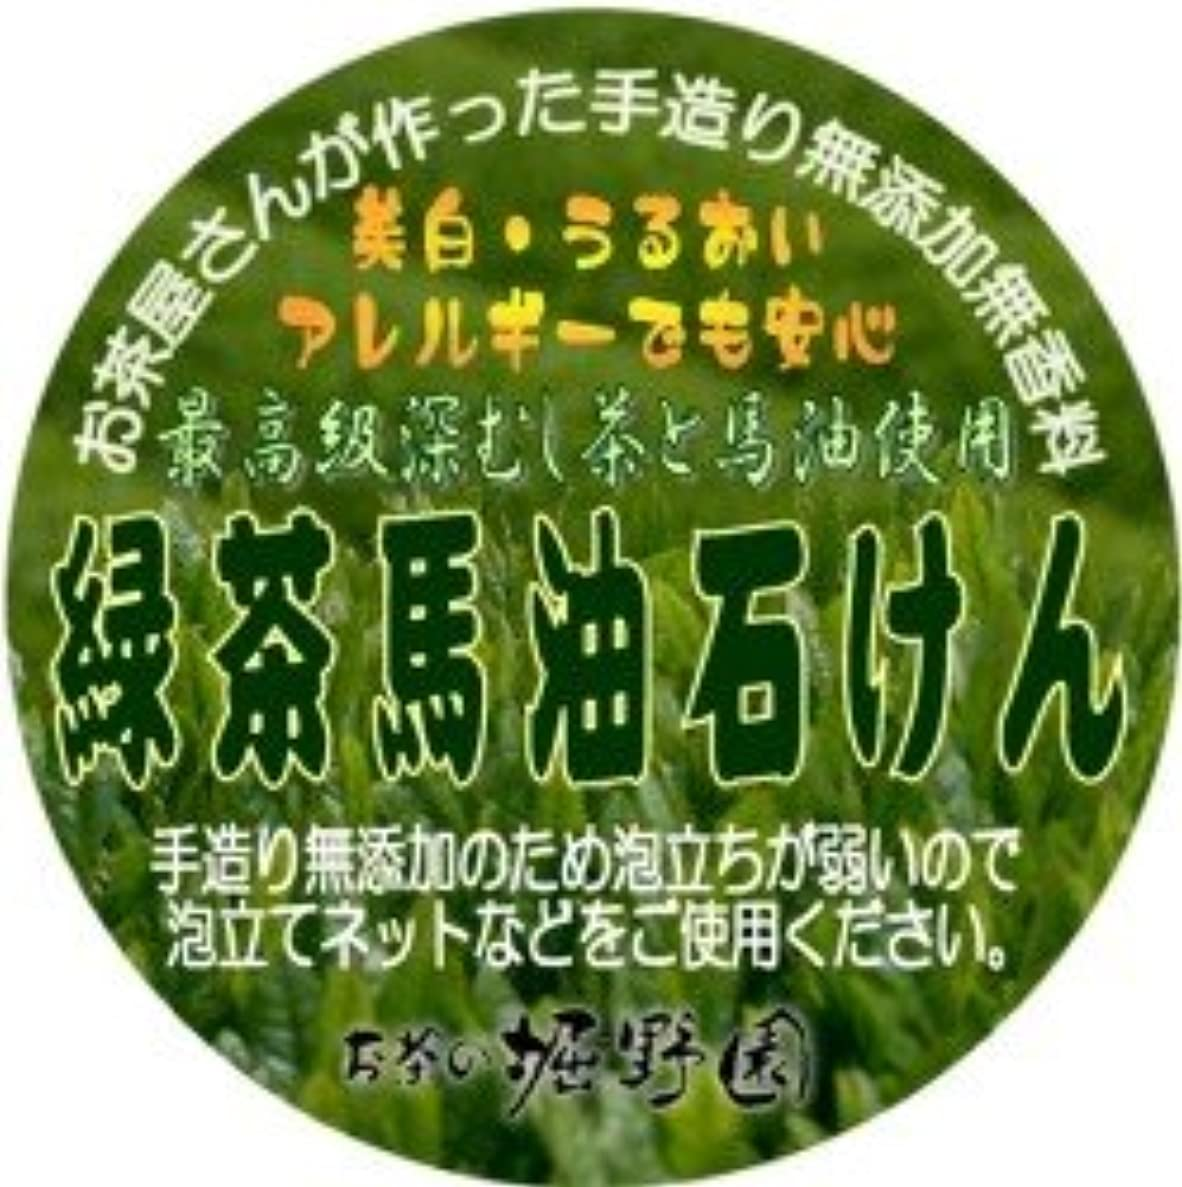 誕生パーチナシティ文献無添加無着色 緑茶馬油石けん(アトピー?弱肌の方のご愛用が非常に多い商品です)